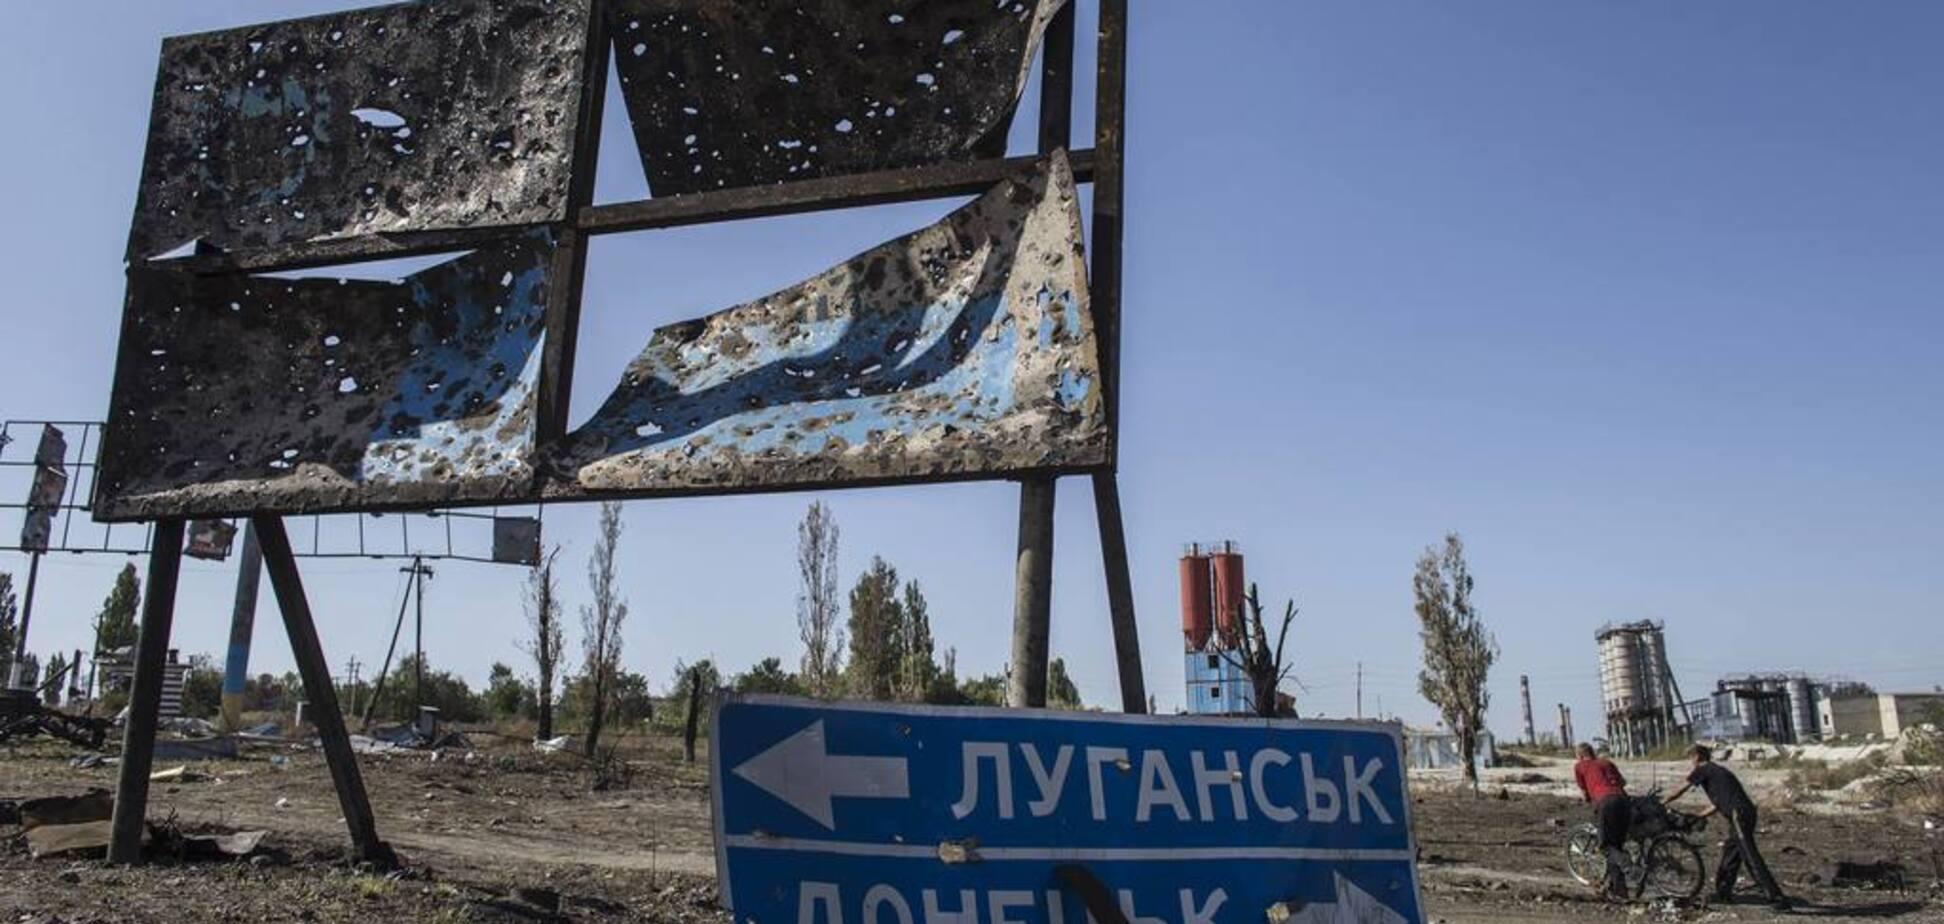 130 тысяч украинцев под прицелом: в ВСУ предупредили о полномасштабном вторжении России